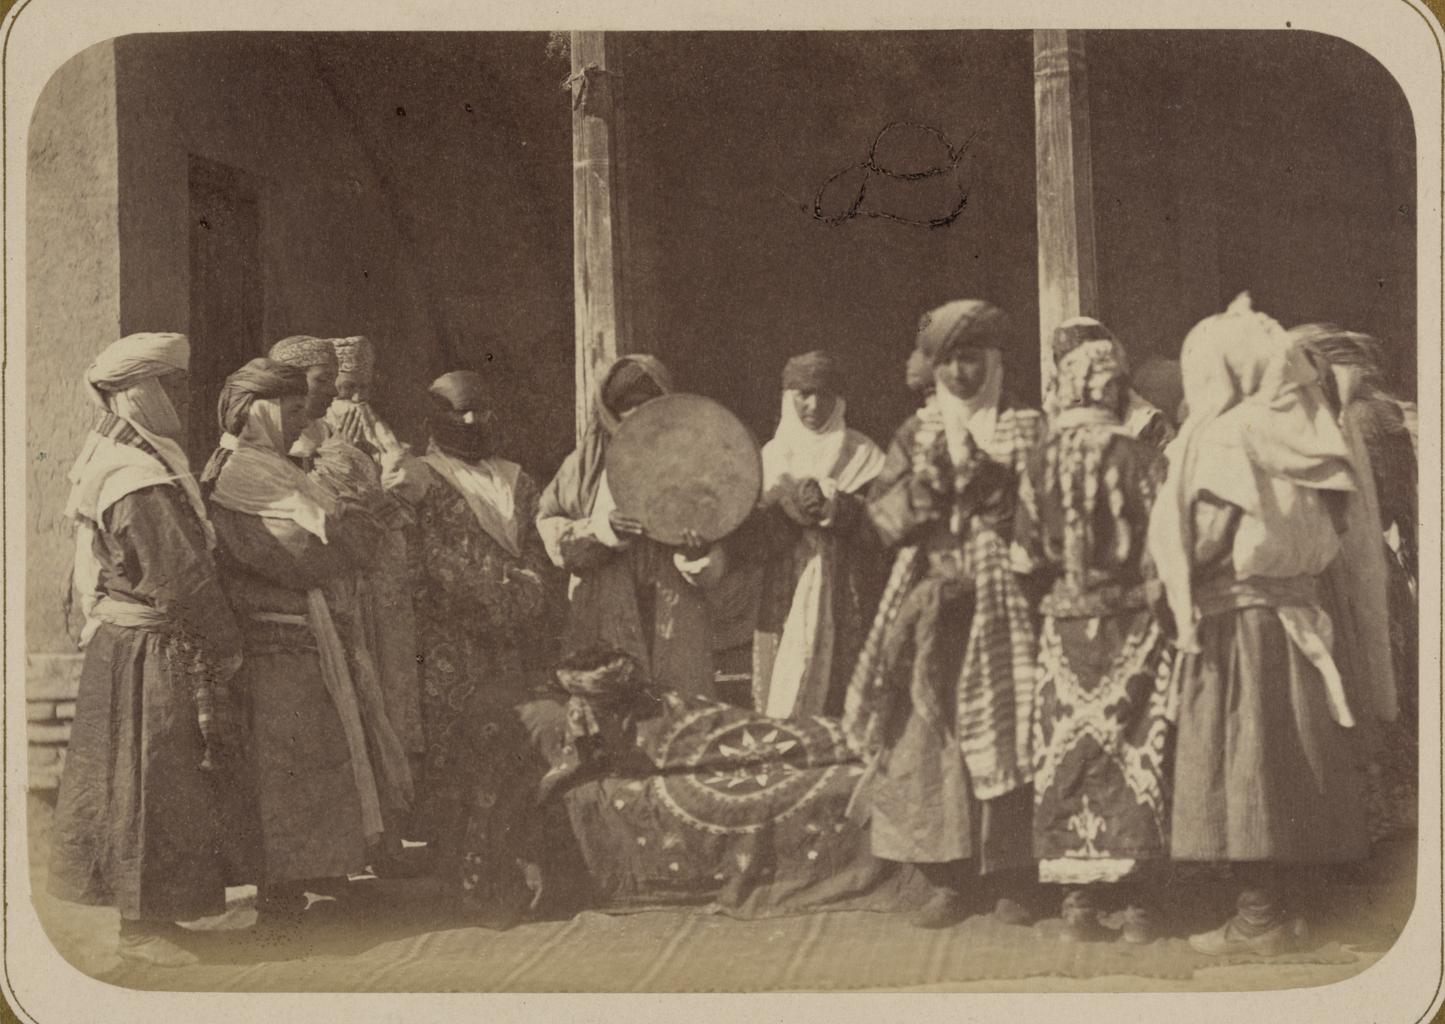 Погребальные обычаи. Группа еврейских женщин на похоронах